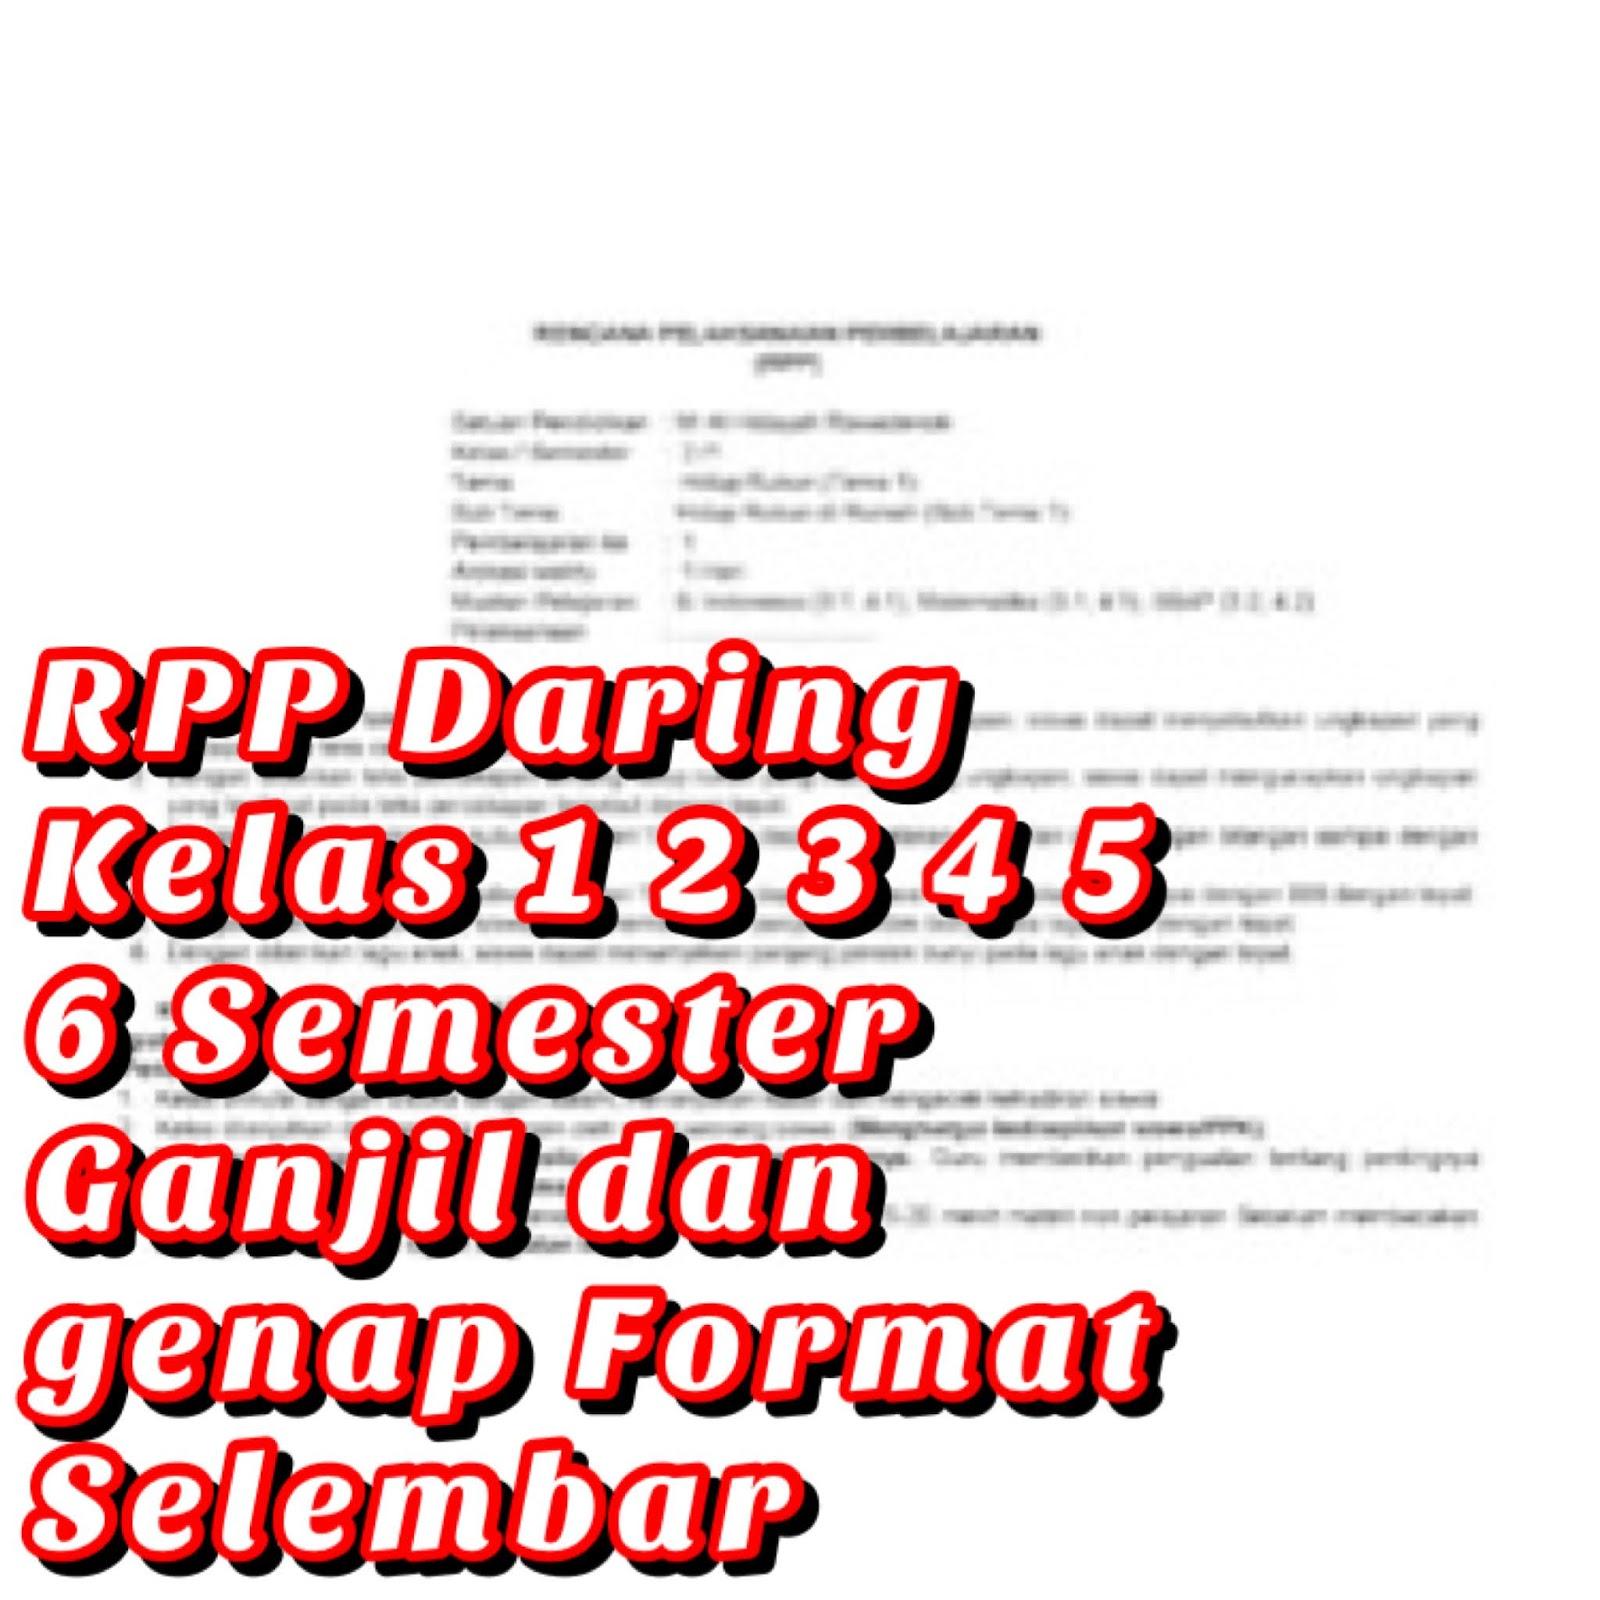 Rpp Daring Kelas 1 2 3 4 5 6 Semester Ganjil Dan Genap Format Selembar Aulaku Com Media Informasi Ter Update